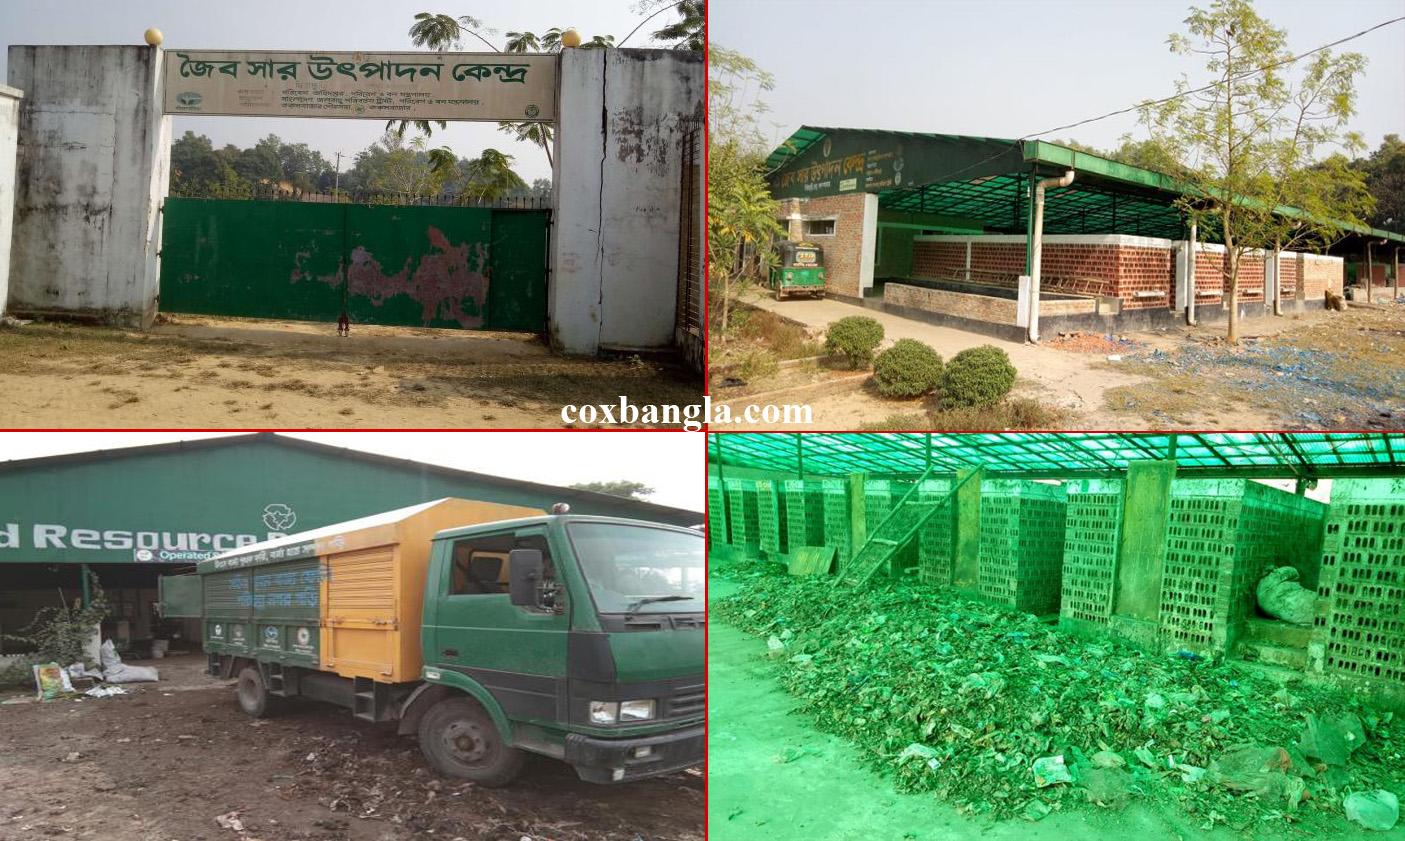 কক্সবাজার পরিবেশ অধিদফতরের জৈব সার উৎপাদন কেন্দ্র অনিয়ম ও বর্জ্য 'সঙ্কটে' চালু হচ্ছে না